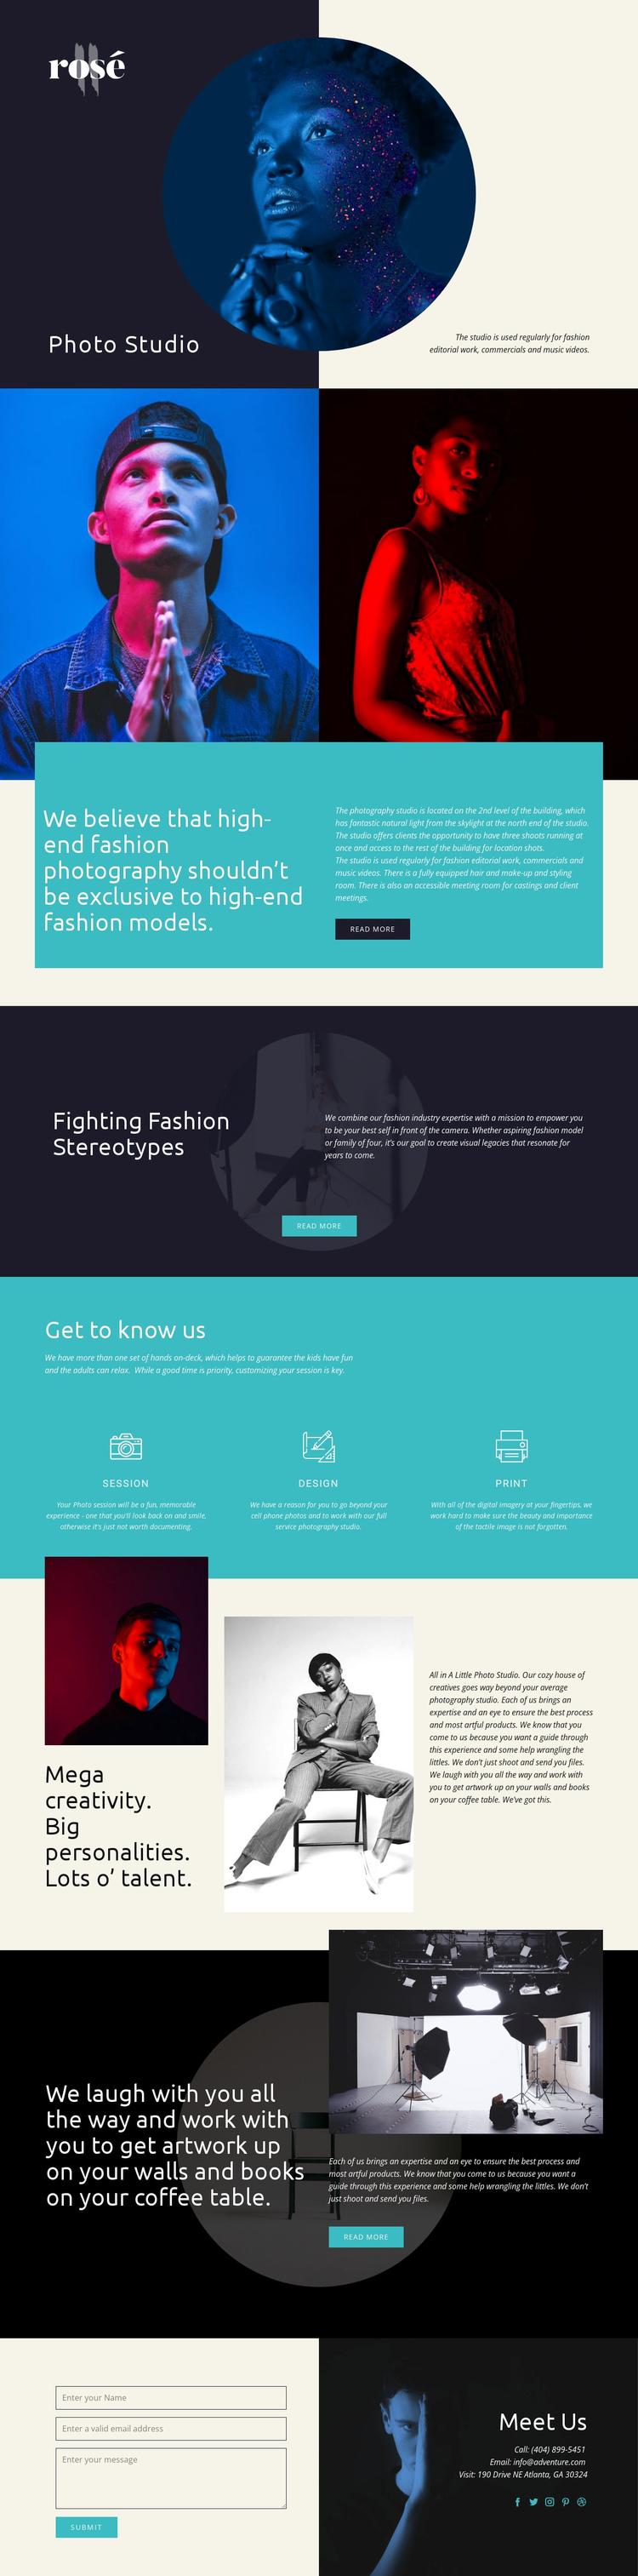 Rose Website Builder Software